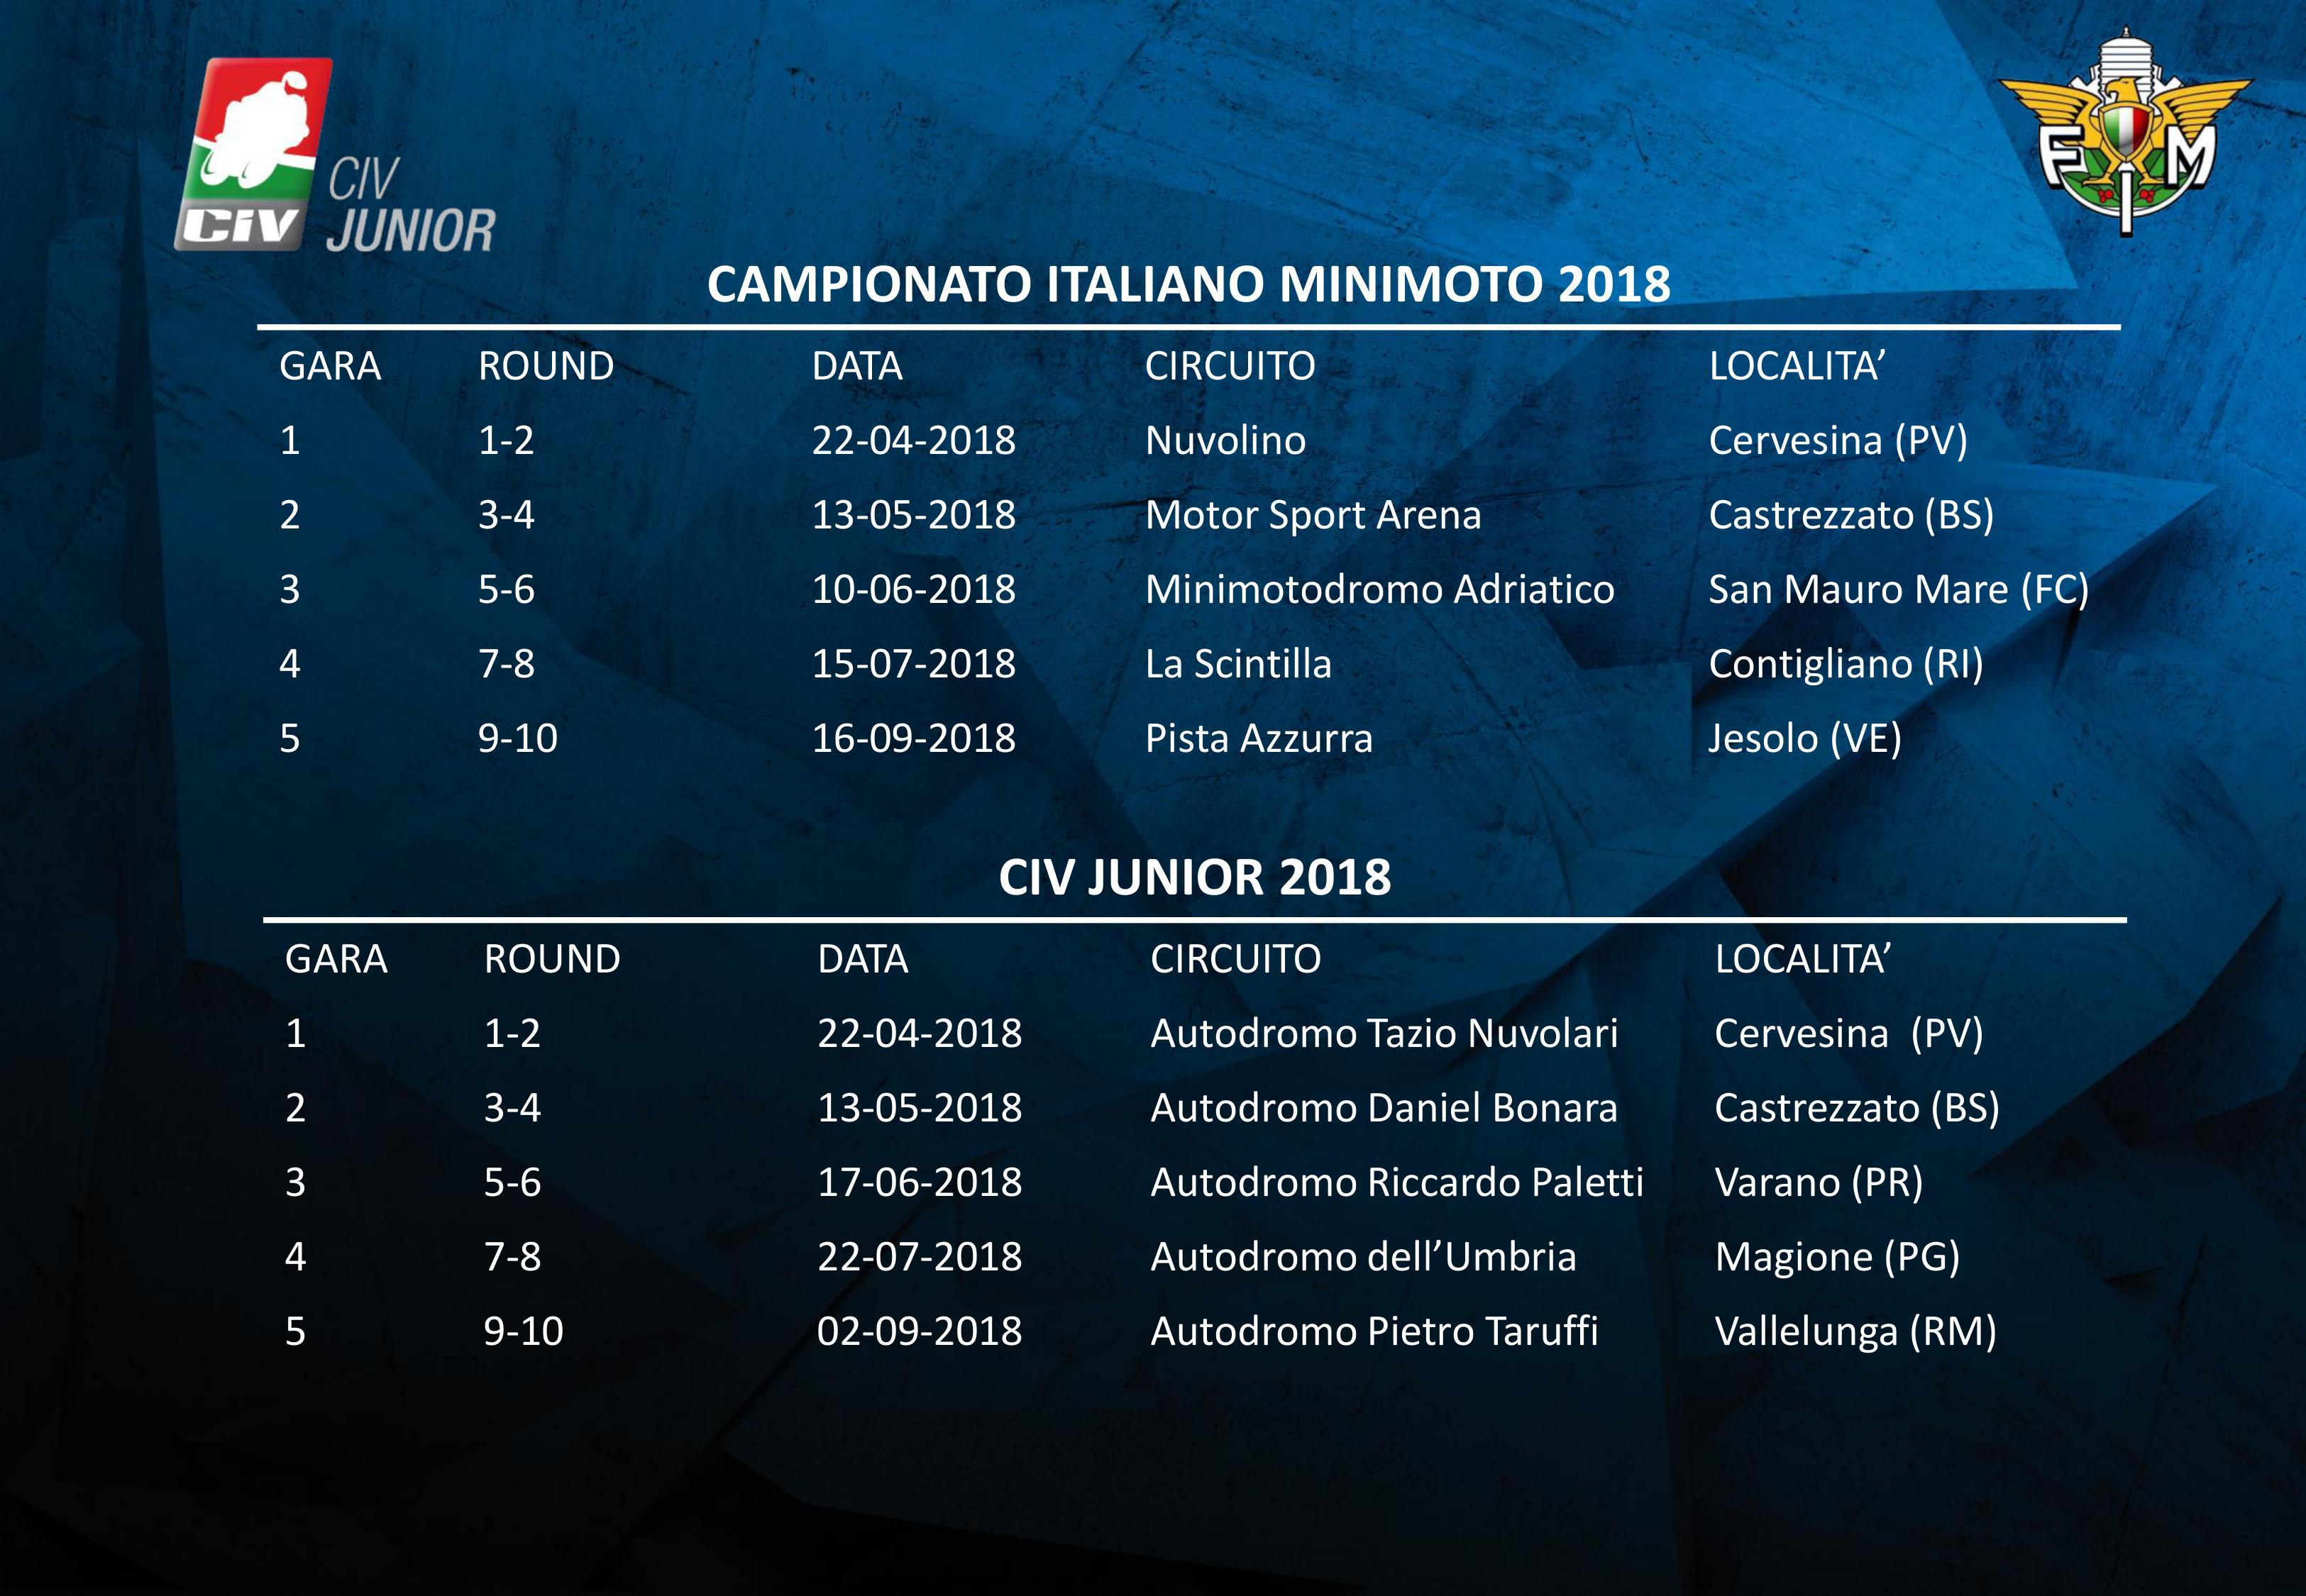 Civ Calendario.Civ Campionato Italiano Minimoto E Civ Junior I Calendari